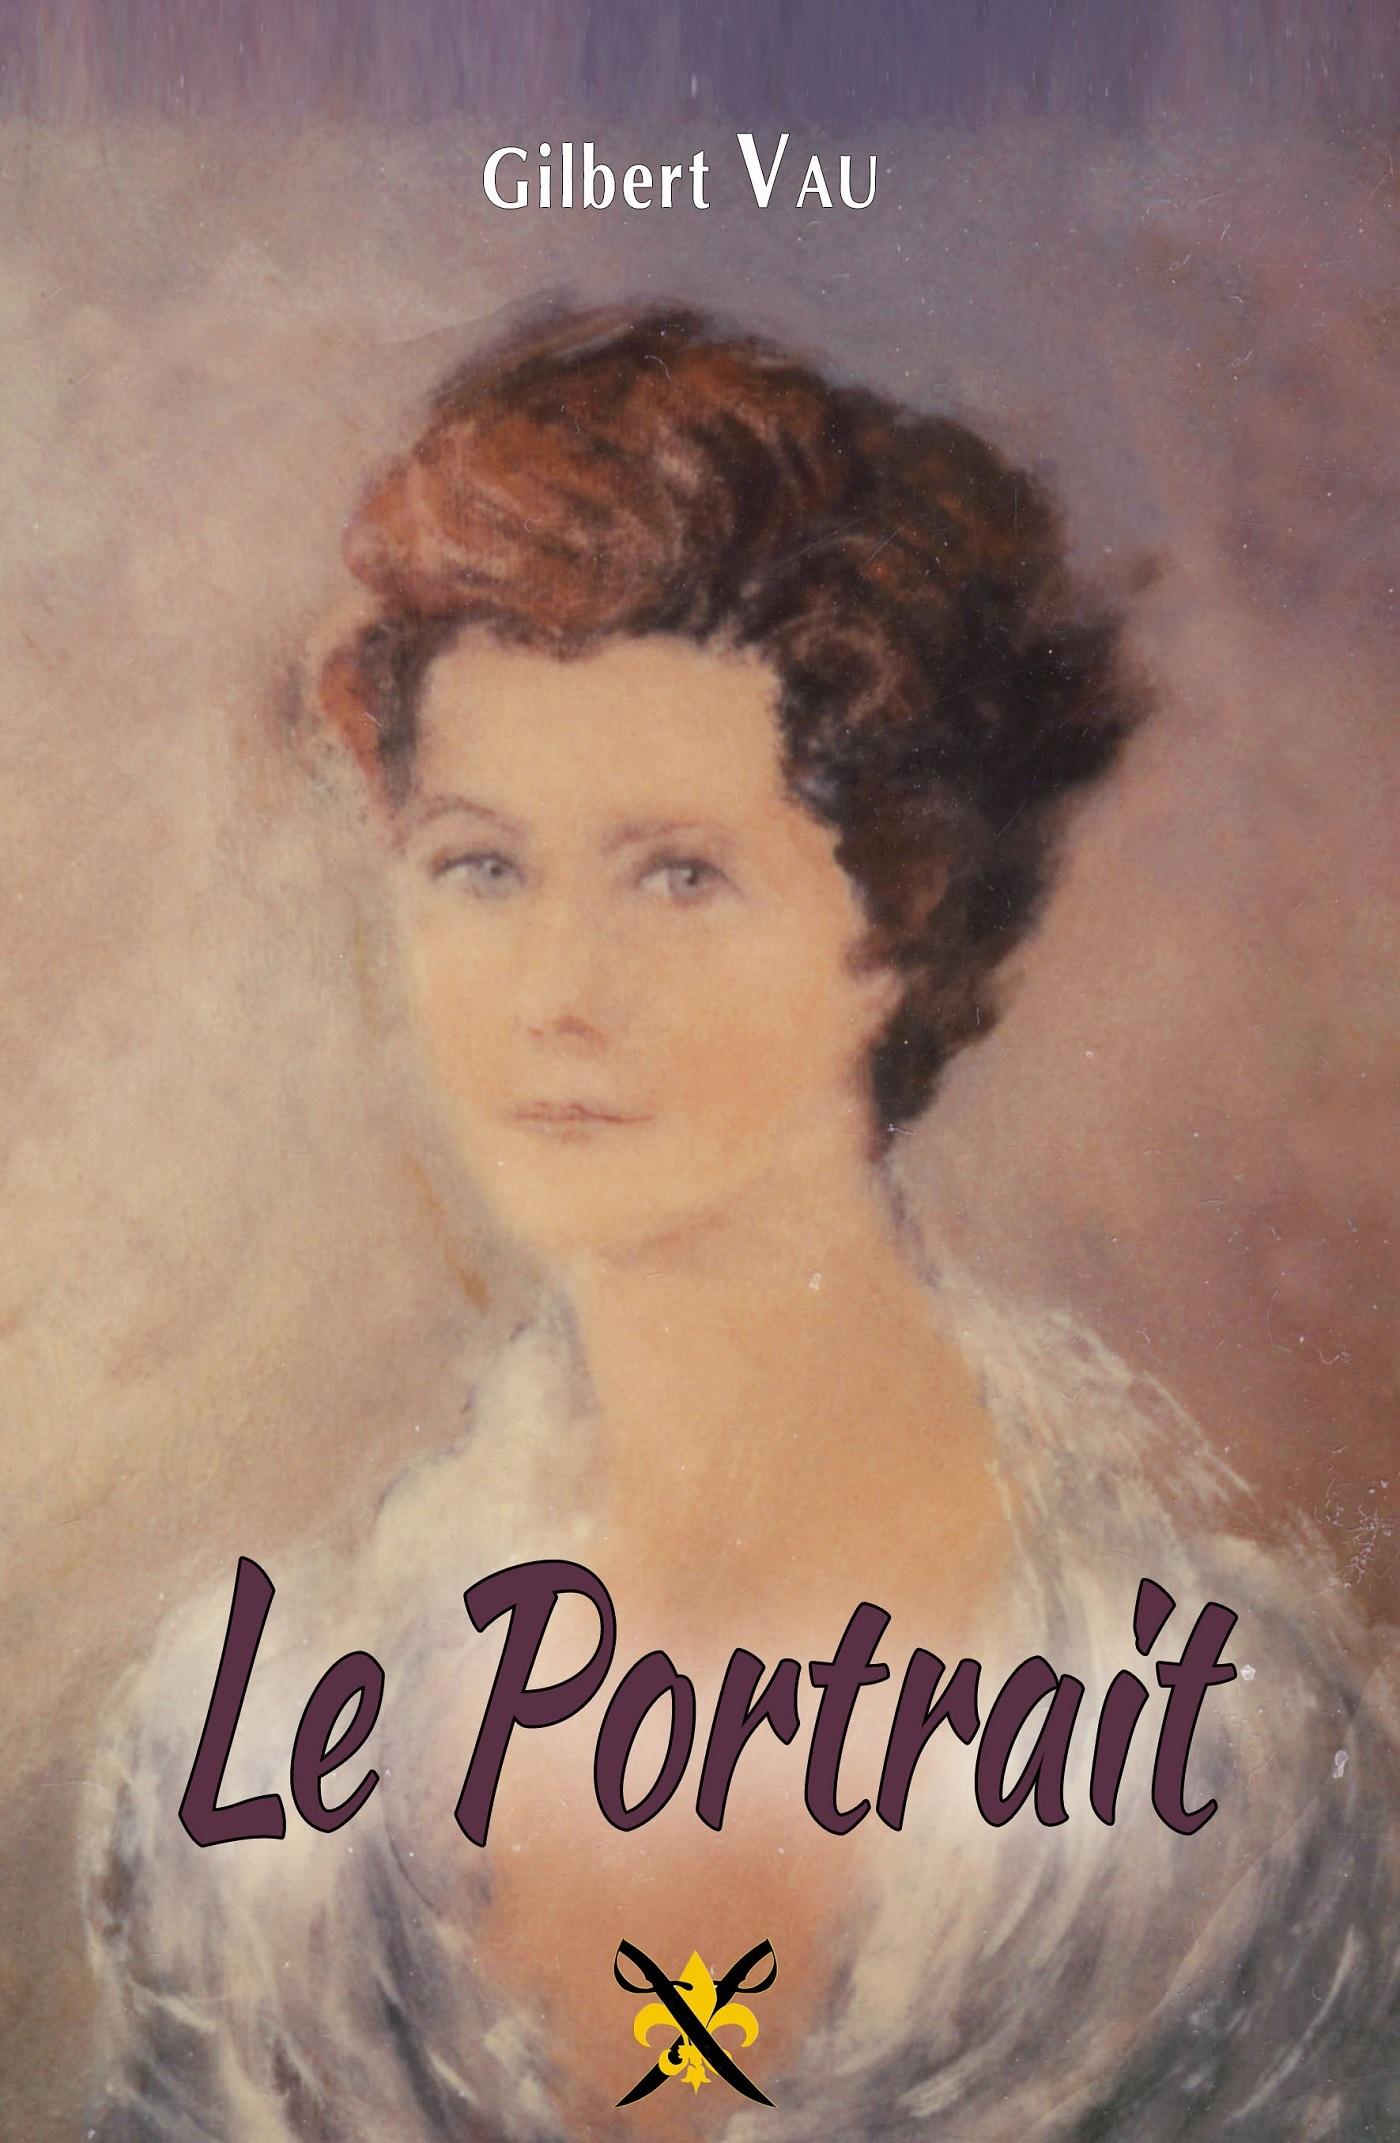 PORTRAIT (LE)